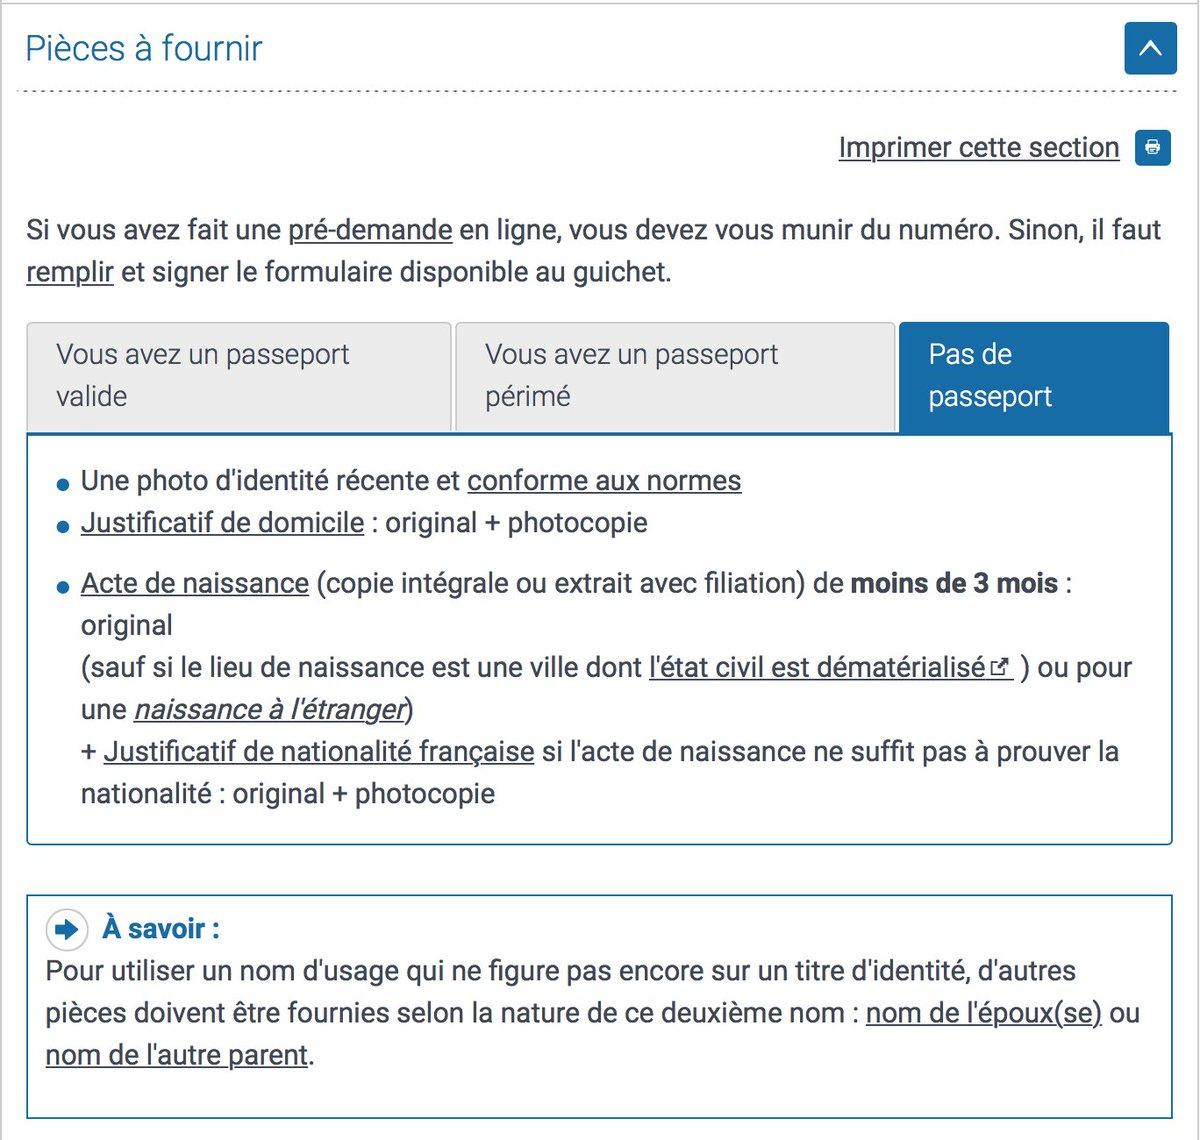 Brest Insoumise On Twitter ℹ Bon A Savoir Avant Toute